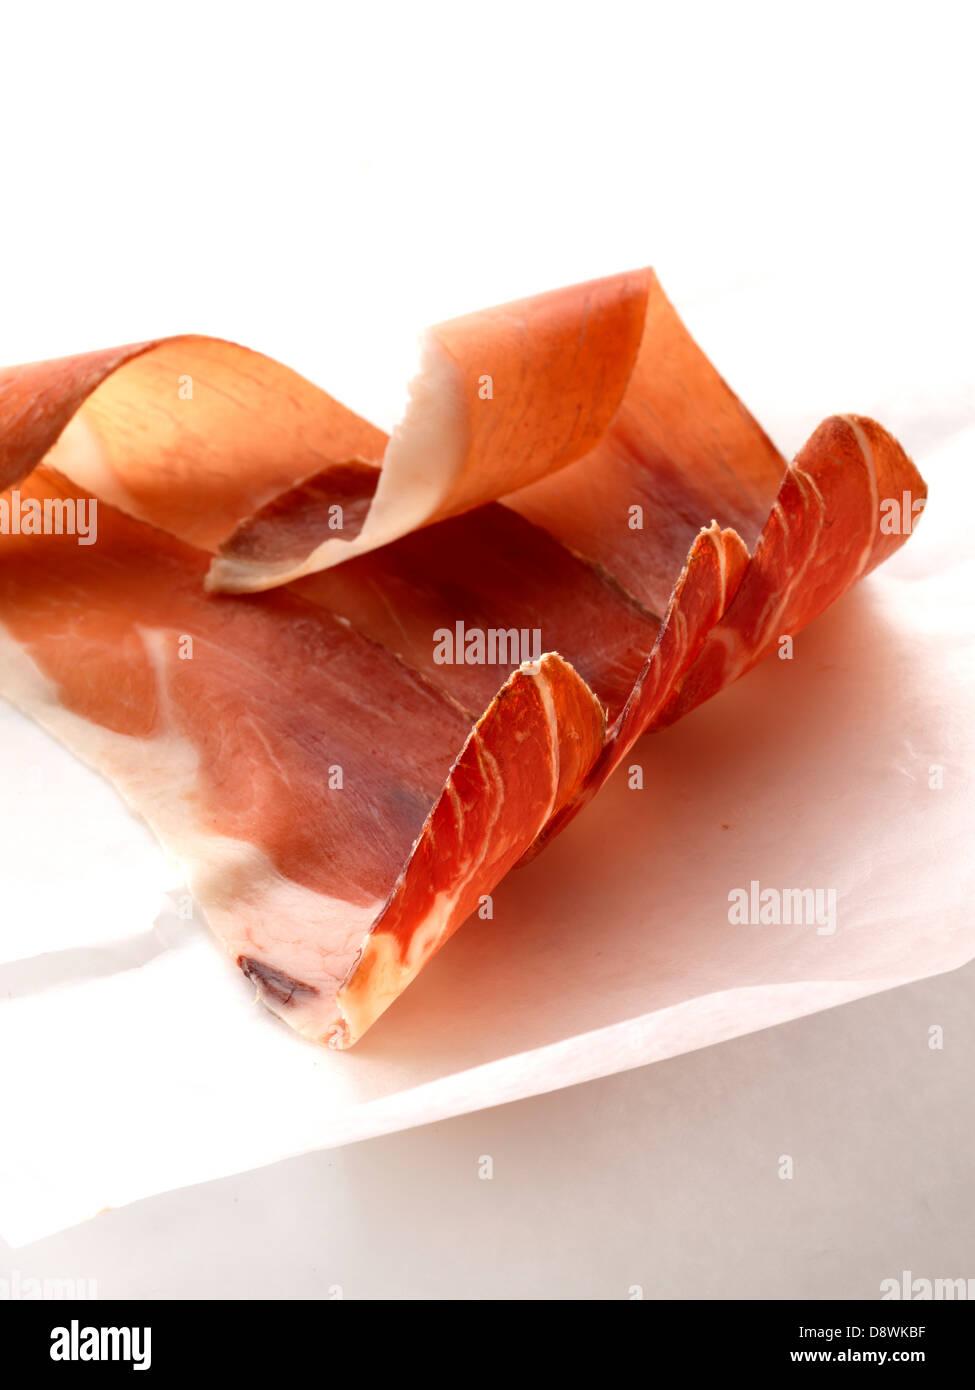 Lonchas de jamón crudo Imagen De Stock